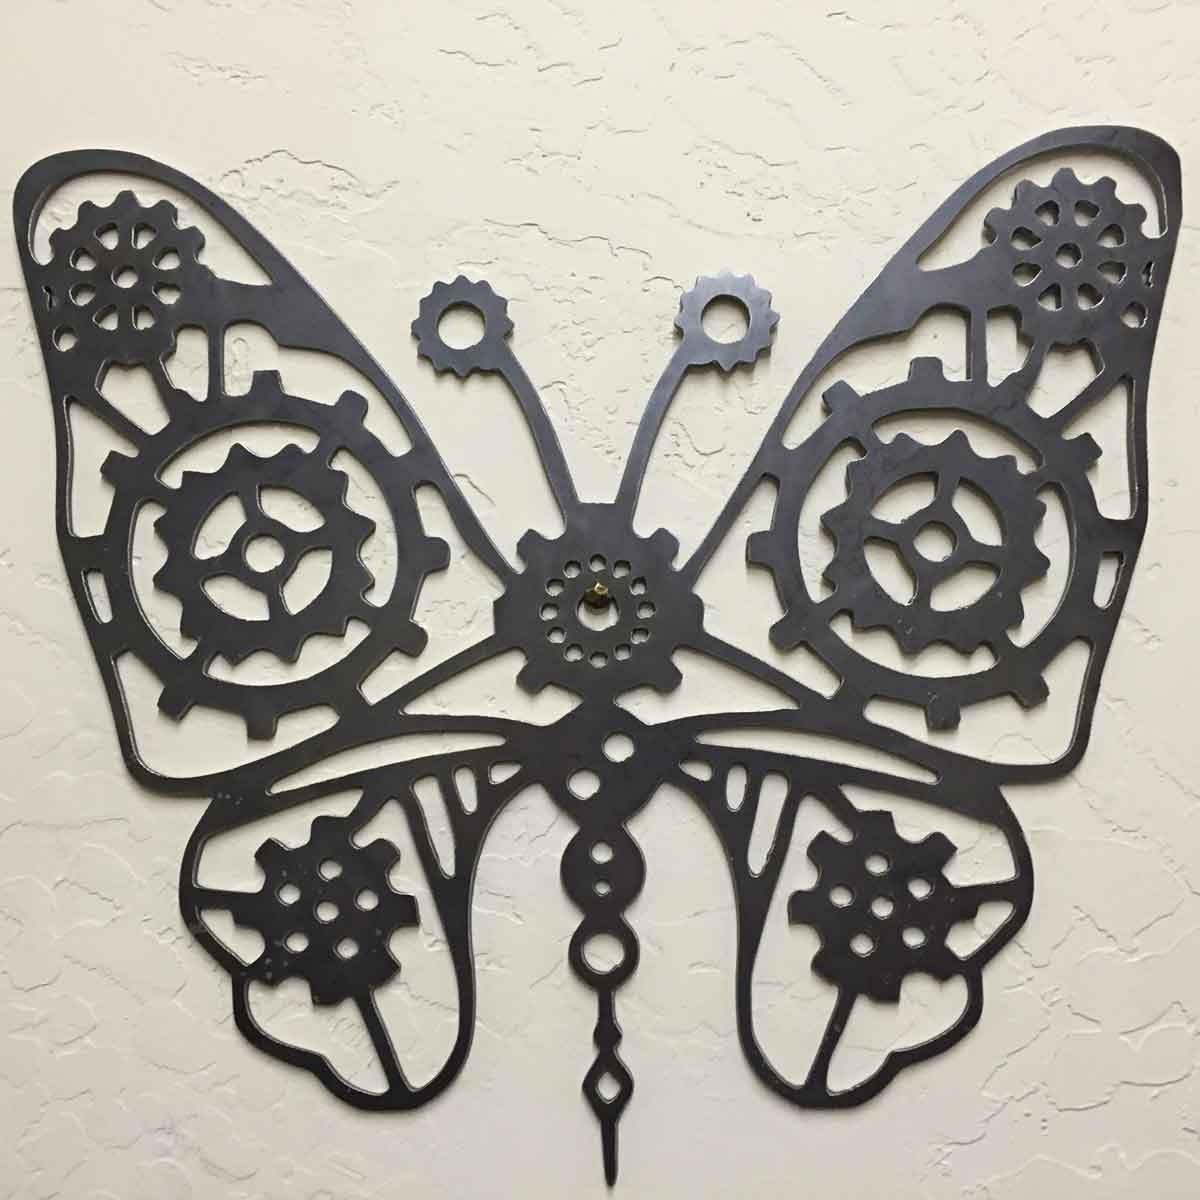 Etsy Butterfly Wall Decor : Steel steampunk butterfly wall decor by louswelding on etsy